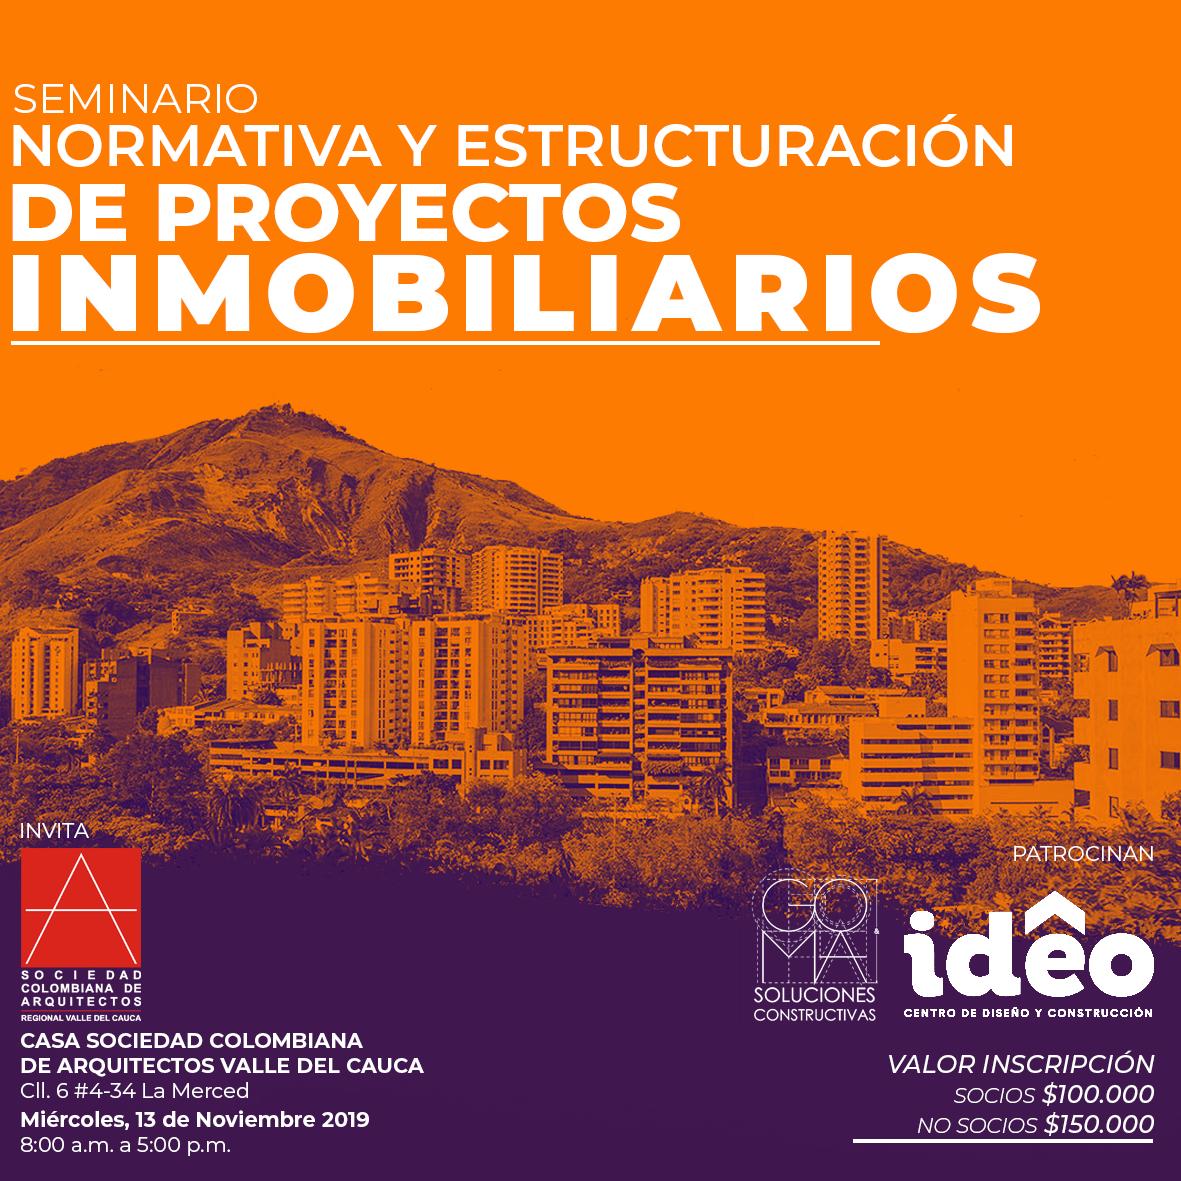 Seminario NORMATIVA Y ESTRUCTURACIÓN DE PROYECTOS INMOBILIARIOS